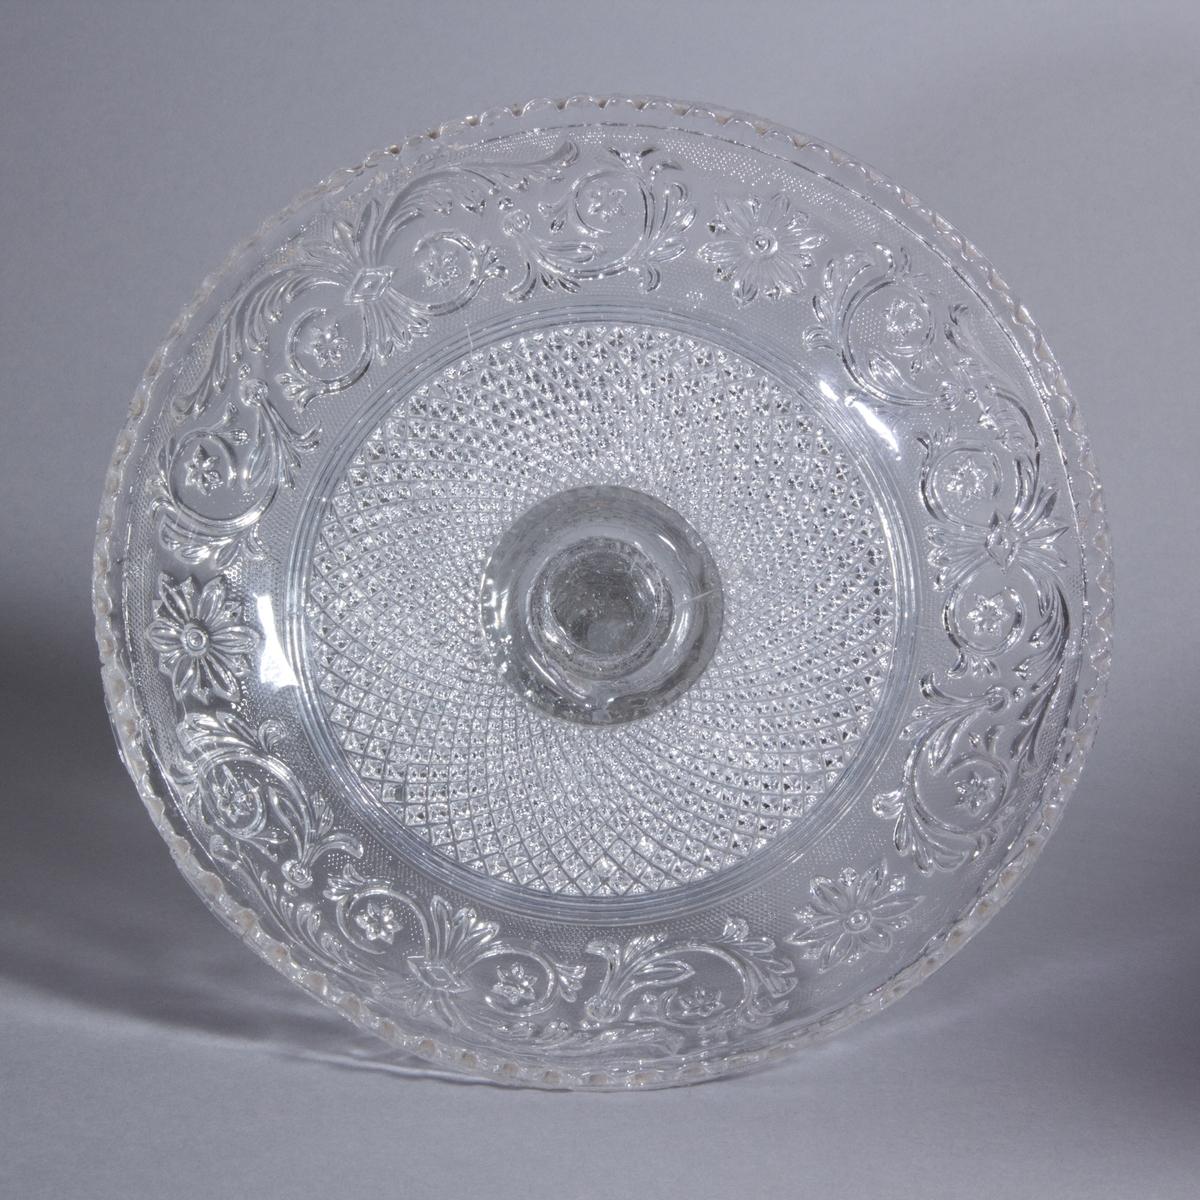 Kakfat av pressat glas. Sexkantig fot, profilerat ben och rund skål med pressat mönster av rankor och rutor samt vågig kant.